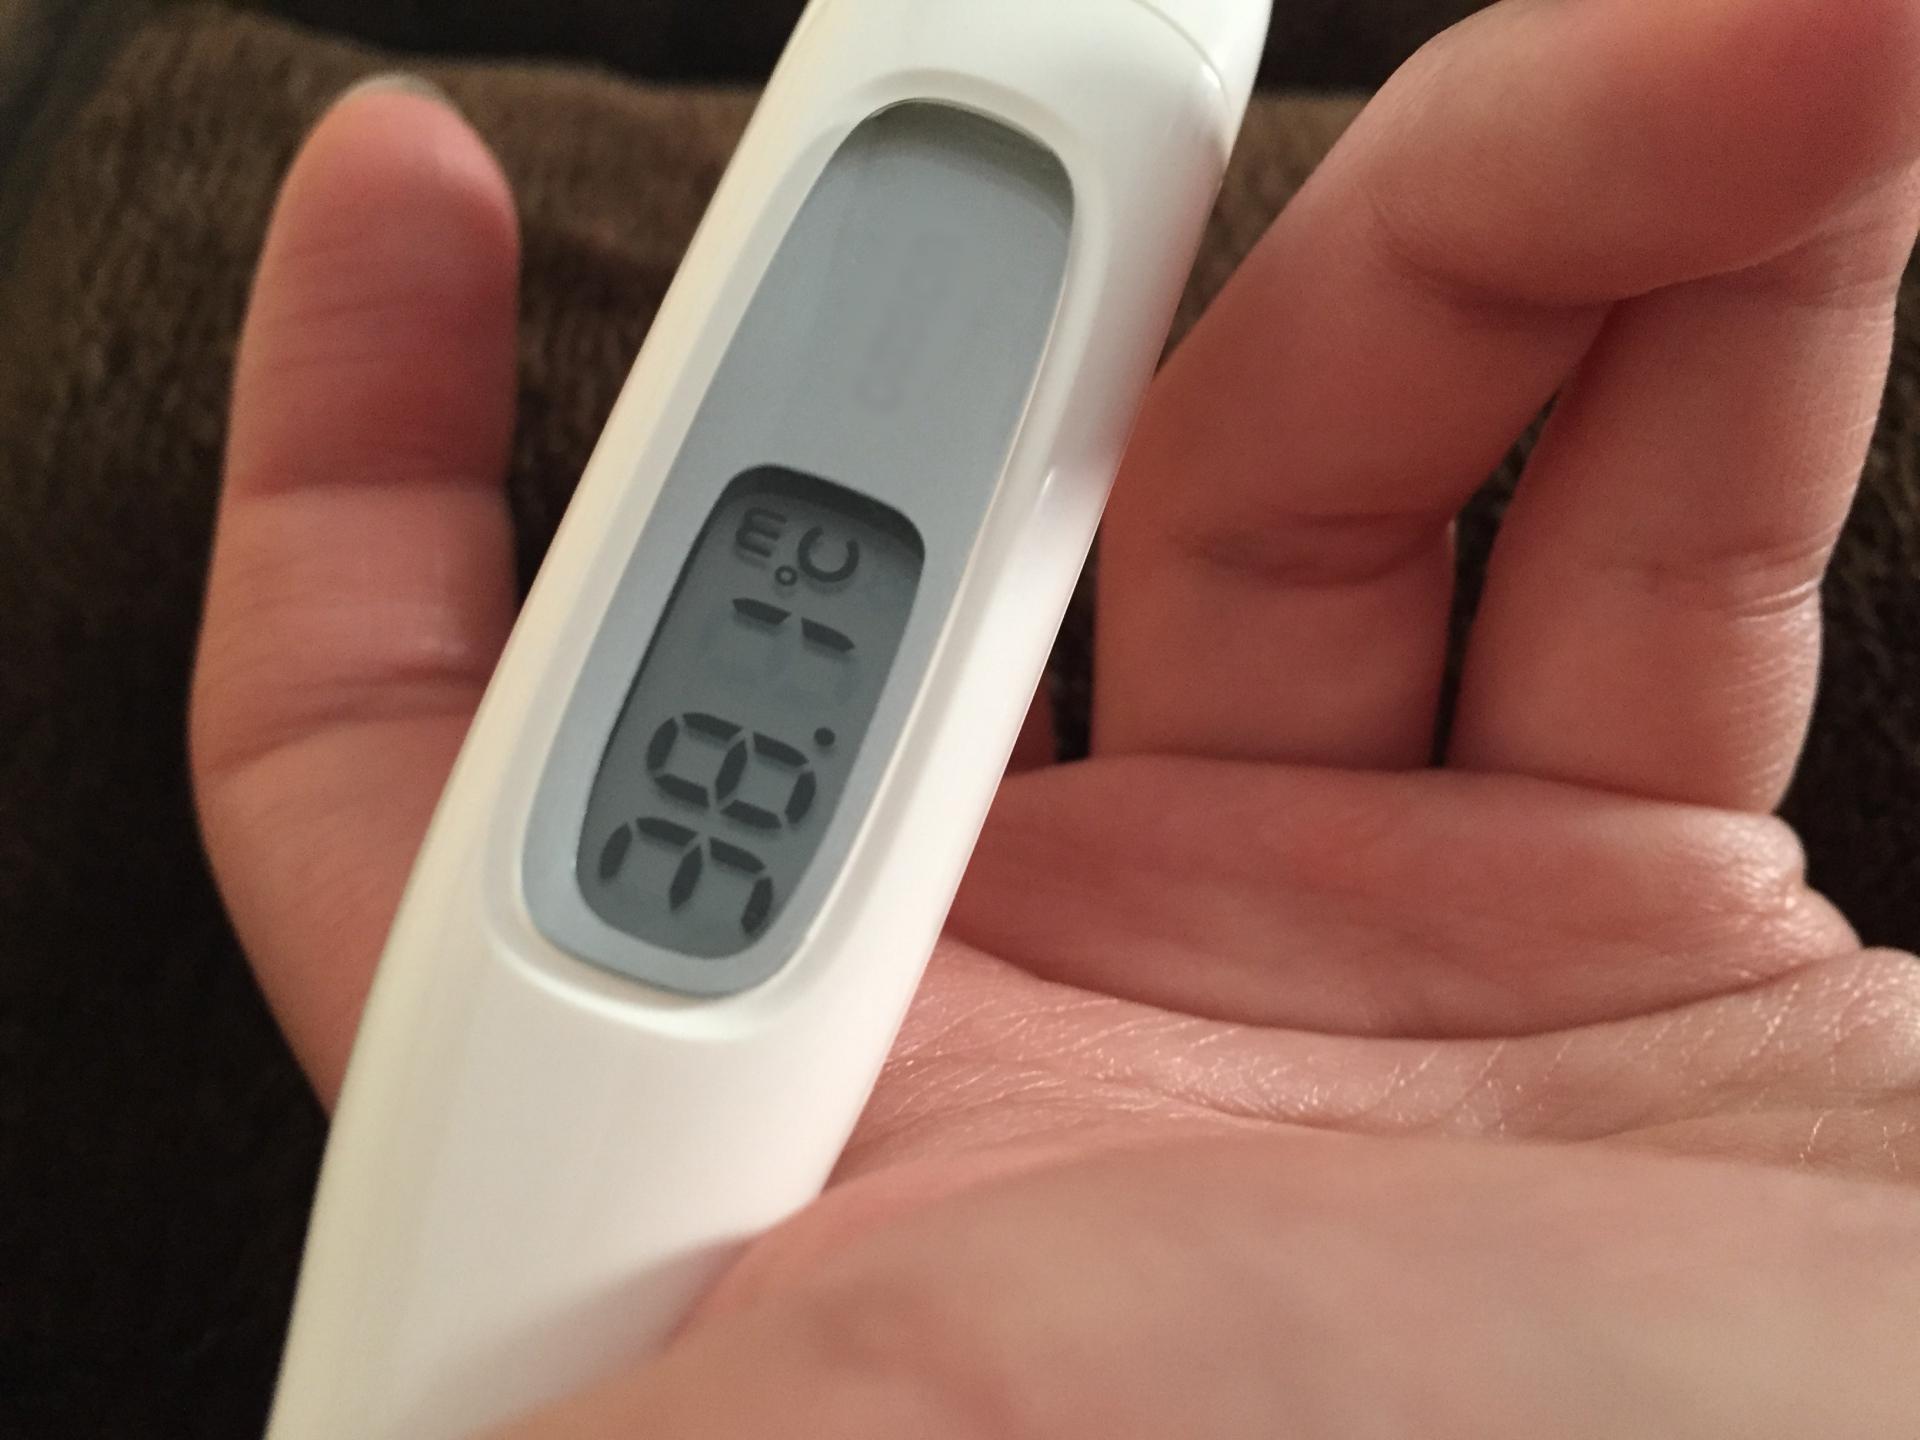 38度が境目。熱がある時に仕事へ行くかどうかの判断と対処法